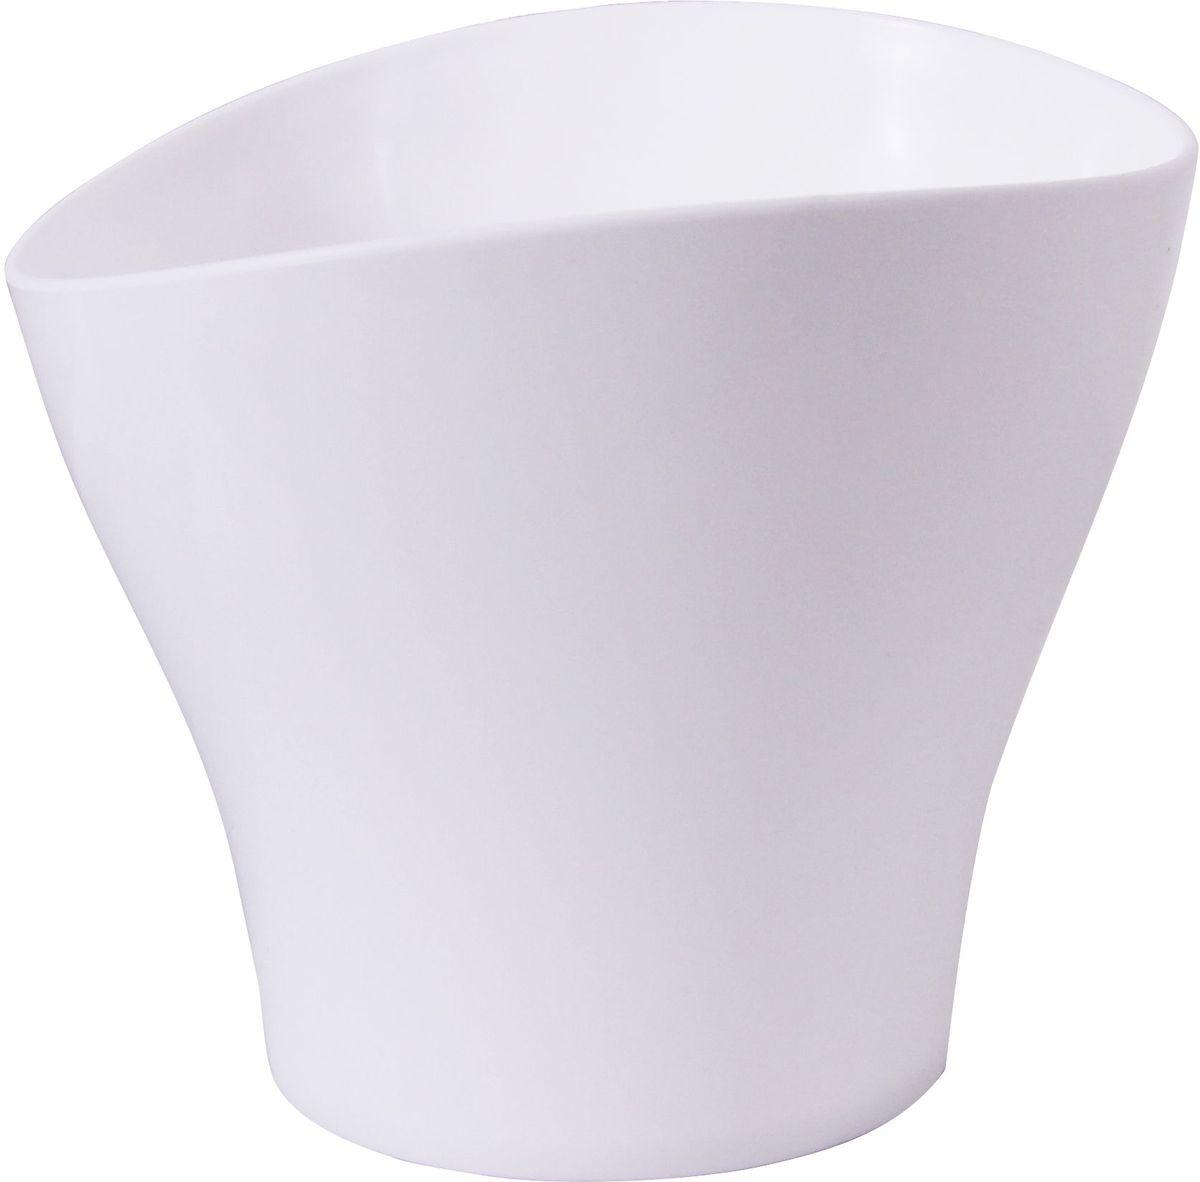 Кашпо Idea Волна, цвет: белый, 800 мл531-102Кашпо Idea Волна изготовлено из прочного полипропилена (пластика) и предназначено для выращивания растений, цветов и трав в домашних условиях. Такое кашпо порадует вас функциональностью, а благодаря лаконичному дизайну впишется в любой интерьер помещения. Объем кашпо: 0,8 л.